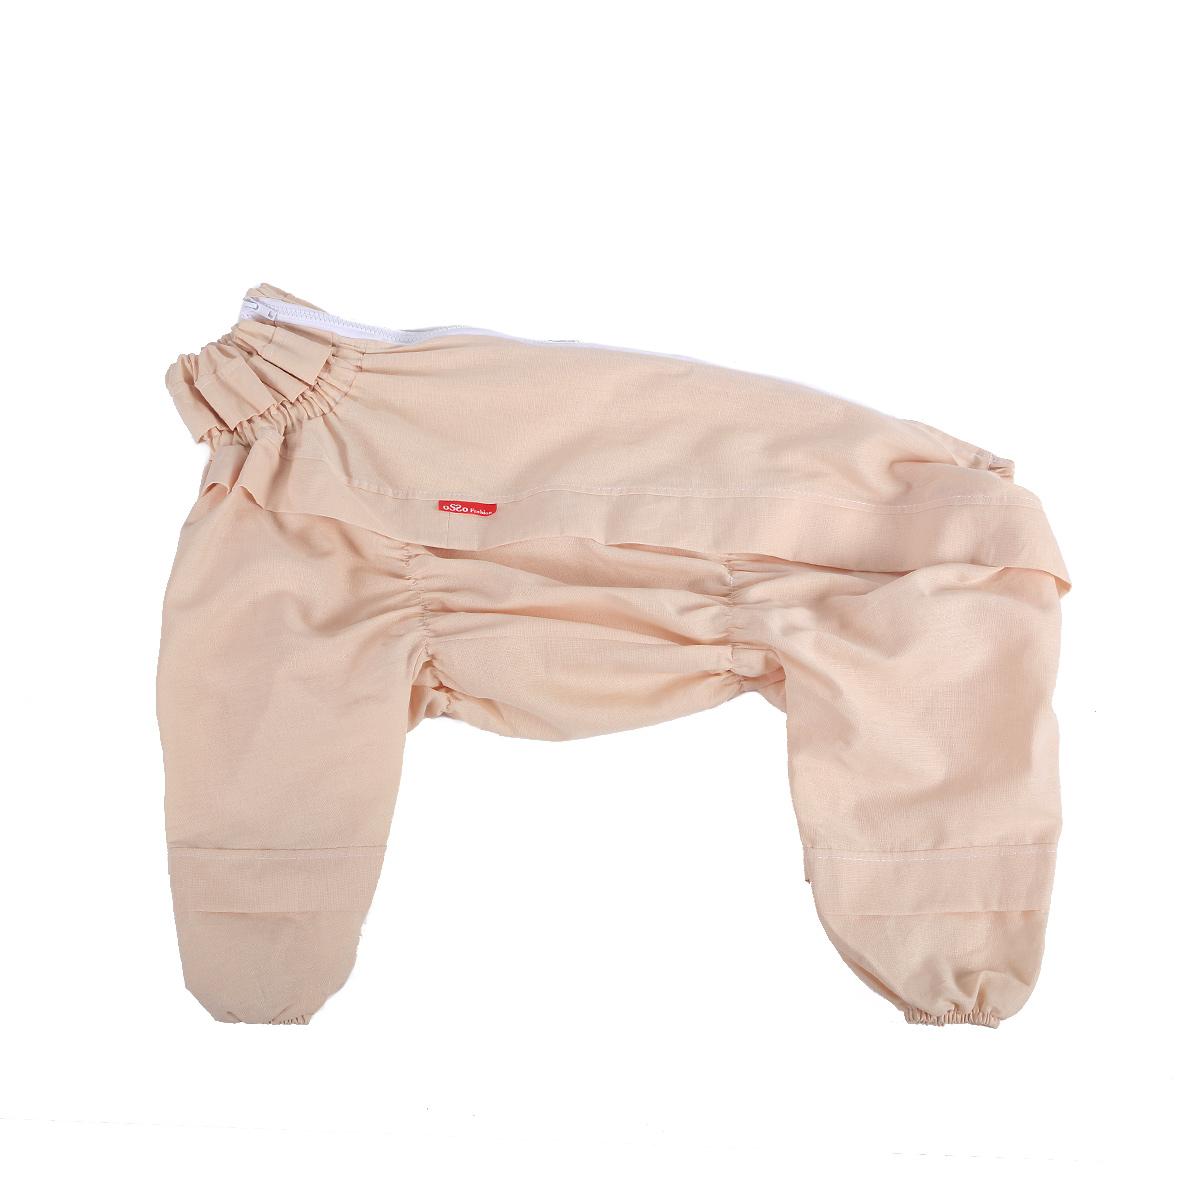 Комбинезон для собак OSSO Fashion, от клещей, для девочки, цвет: бежевый. Размер 70Кк-1013Комбинезон для собак OSSO Fashion изготовлен из 100% хлопка, имеет светлую расцветку, на которой сразу будут заметны кровососущие насекомые. Комбинезон предназначен для защиты собак во время прогулок по парку и лесу. Разработан с учетом особенностей поведения клещей. На комбинезоне имеются складки-ловушки на груди, на штанинах, на боках комбинезона и на шее, которые преграждают движение насекомого вверх. Комбинезон очень легкий и удобный. Низ штанин на резинке, на спине застегивается на молнию. Длина спинки: 70 см. Объем груди: 74-104 см.